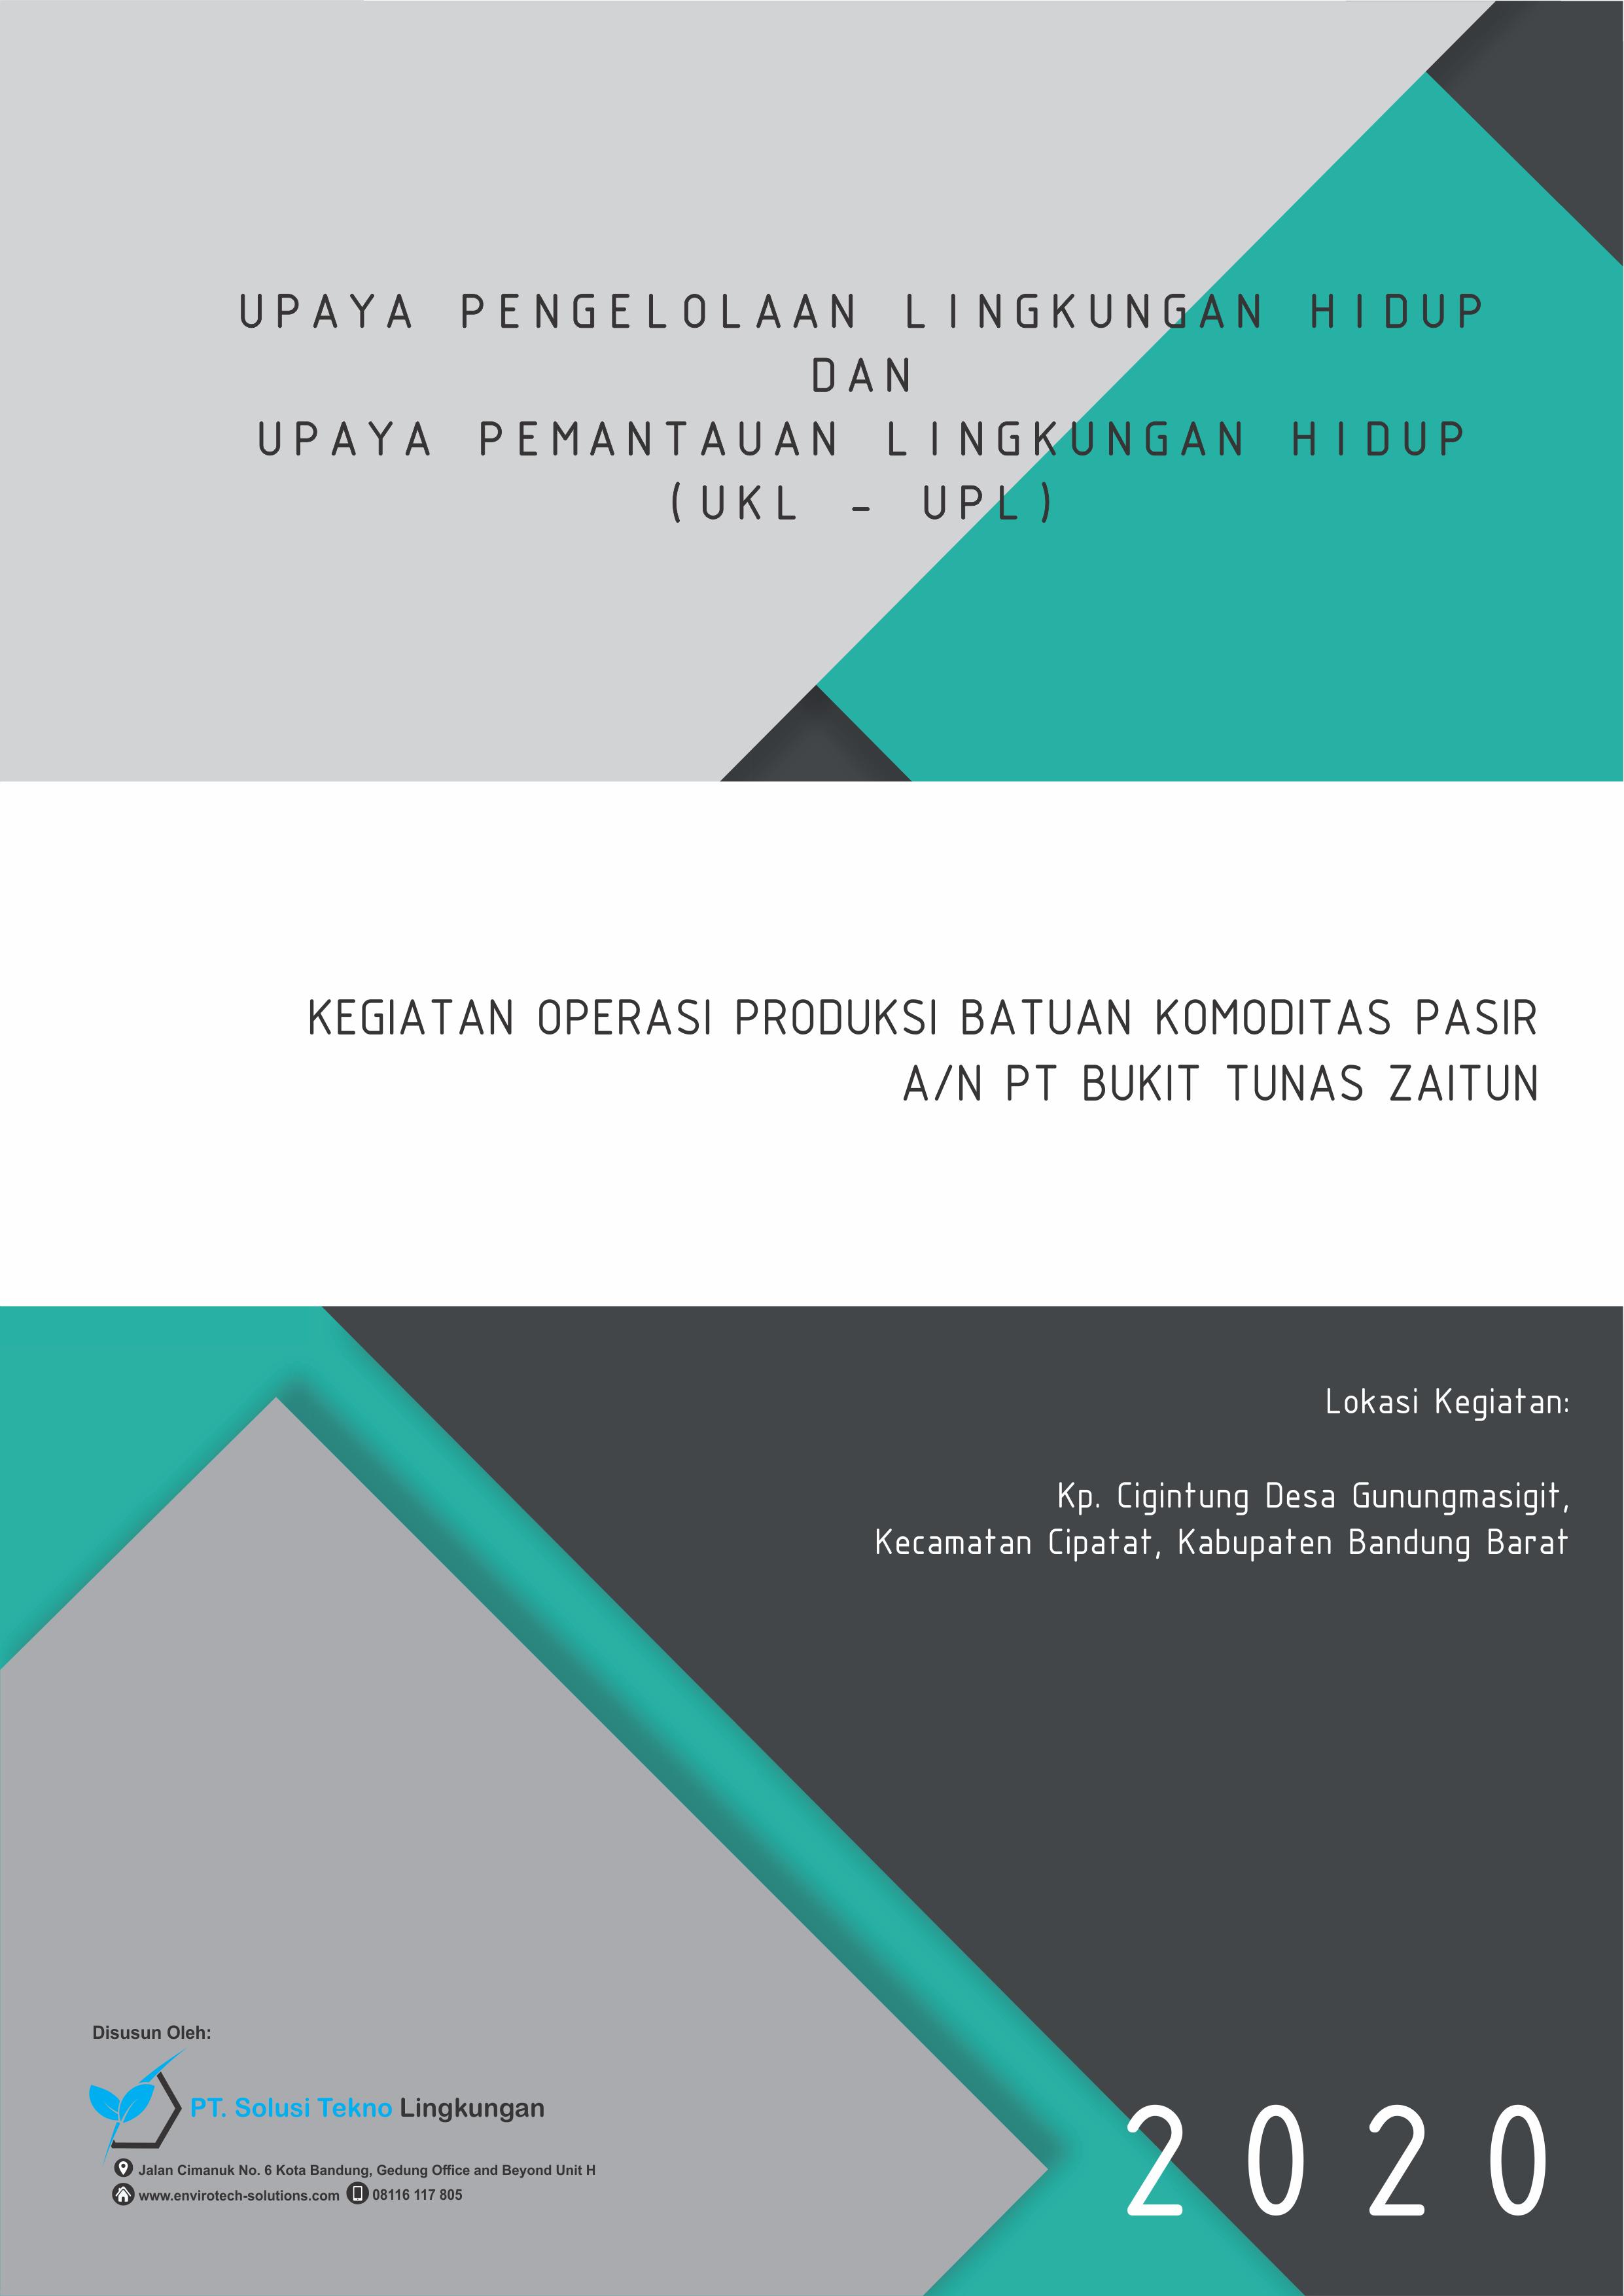 UKL-UPL PT. Bukit Tunas Zaitun